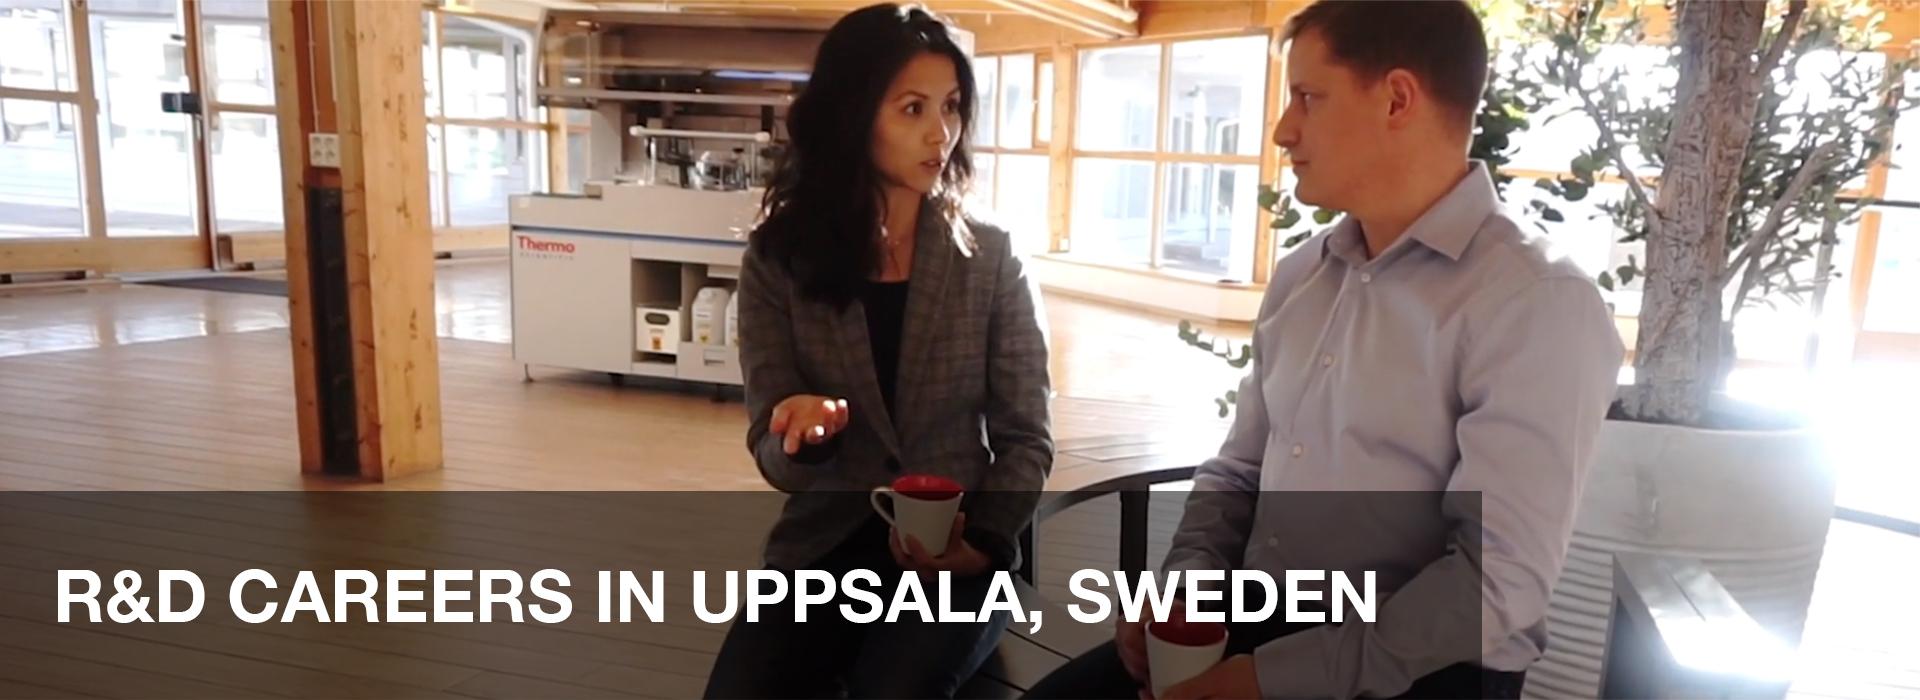 R&D CAREERS IN UPPSALA,SWEDEN